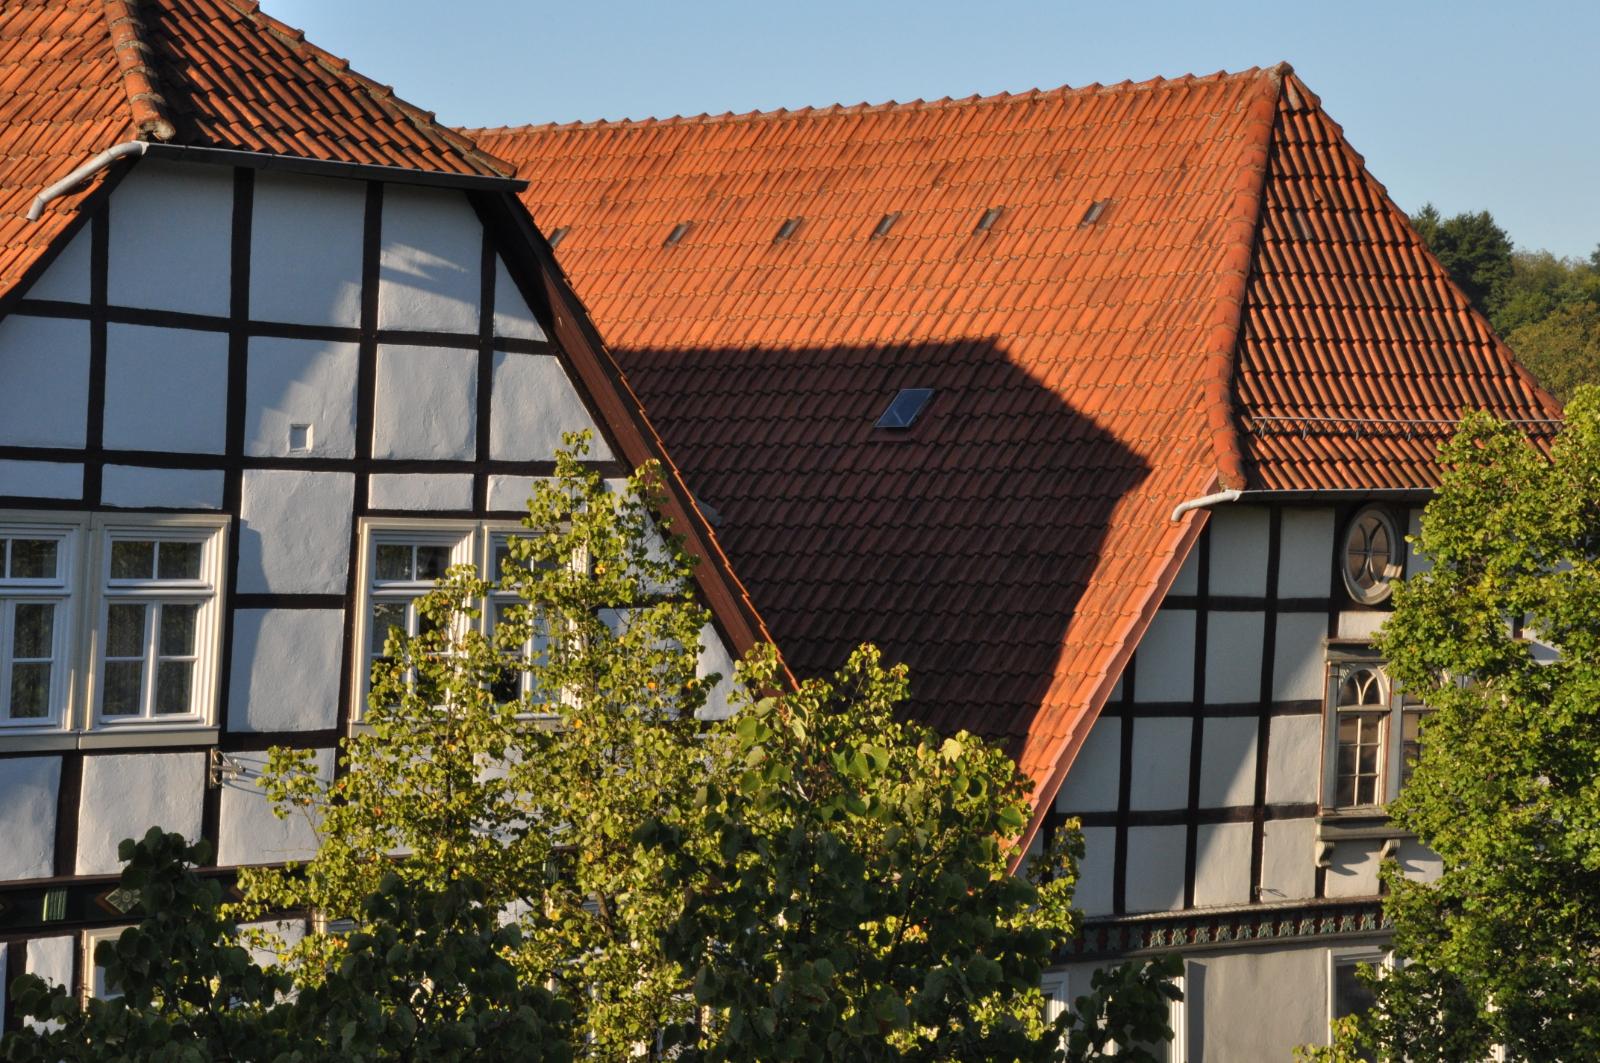 Fachwerkhäuser in Lügde